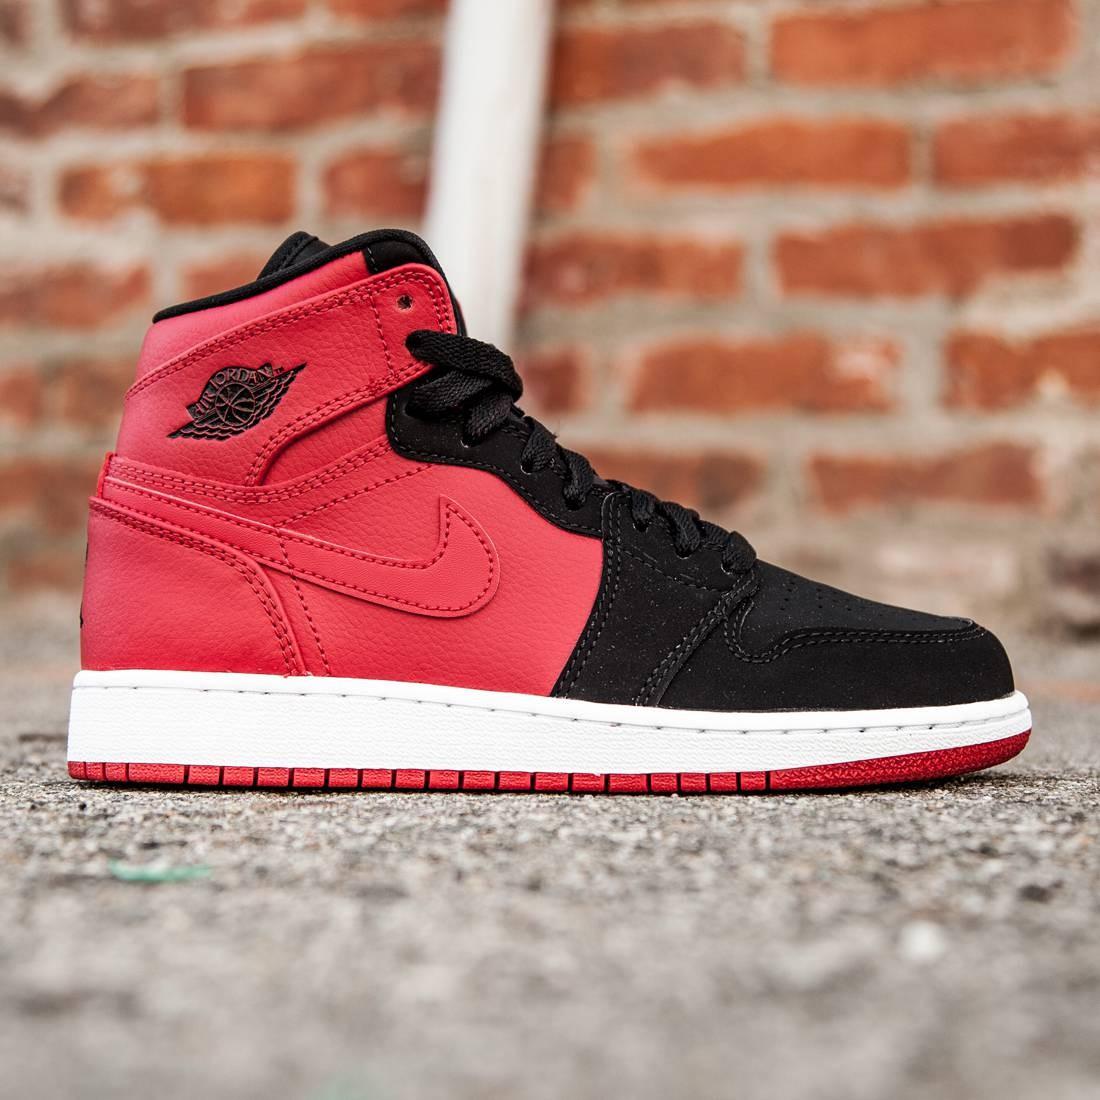 e361298e250867 jordan 1 retro red and black on sale   OFF66% Discounts